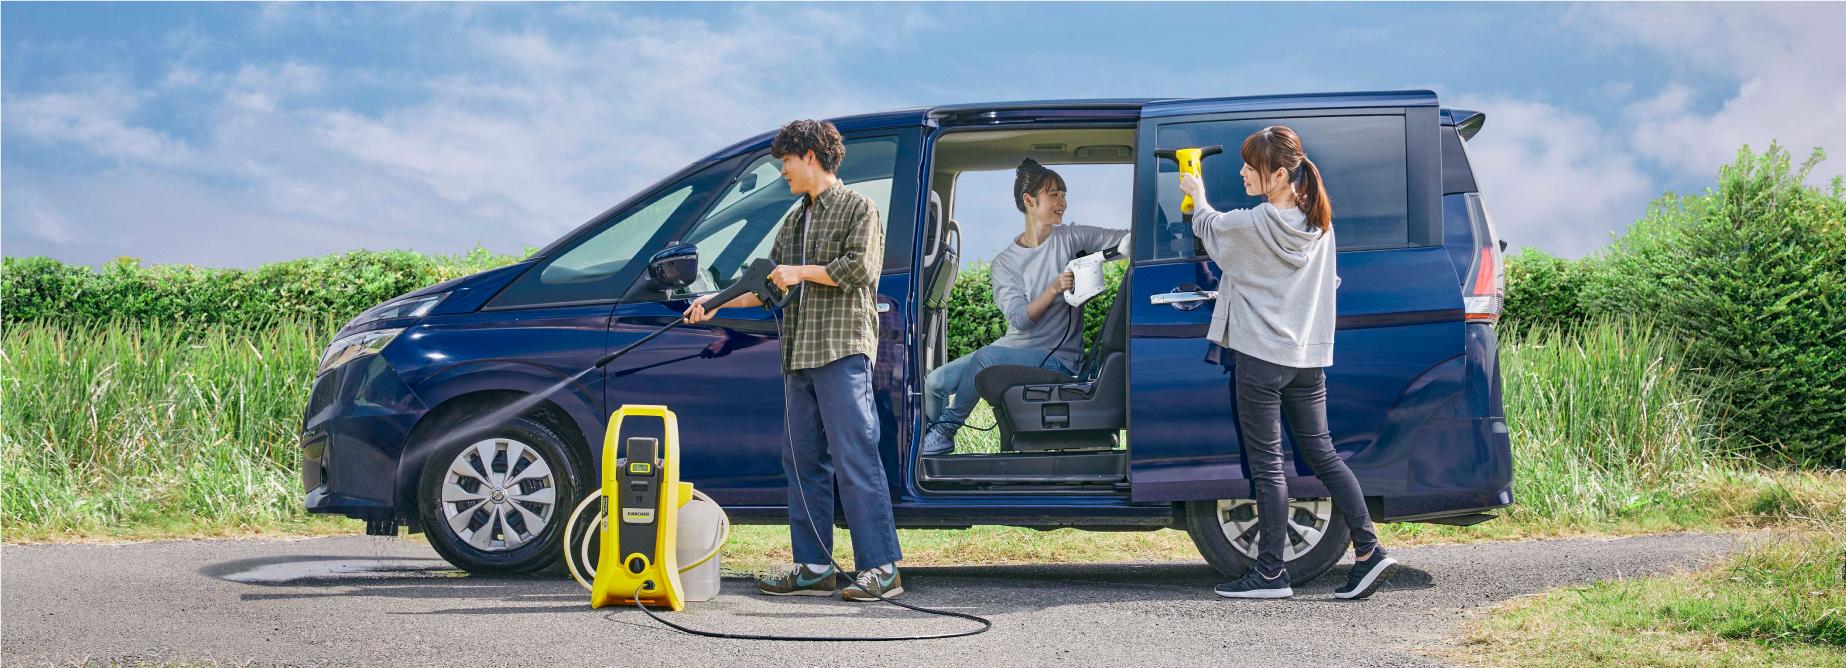 高圧洗浄機を使用して洗車をしている様子